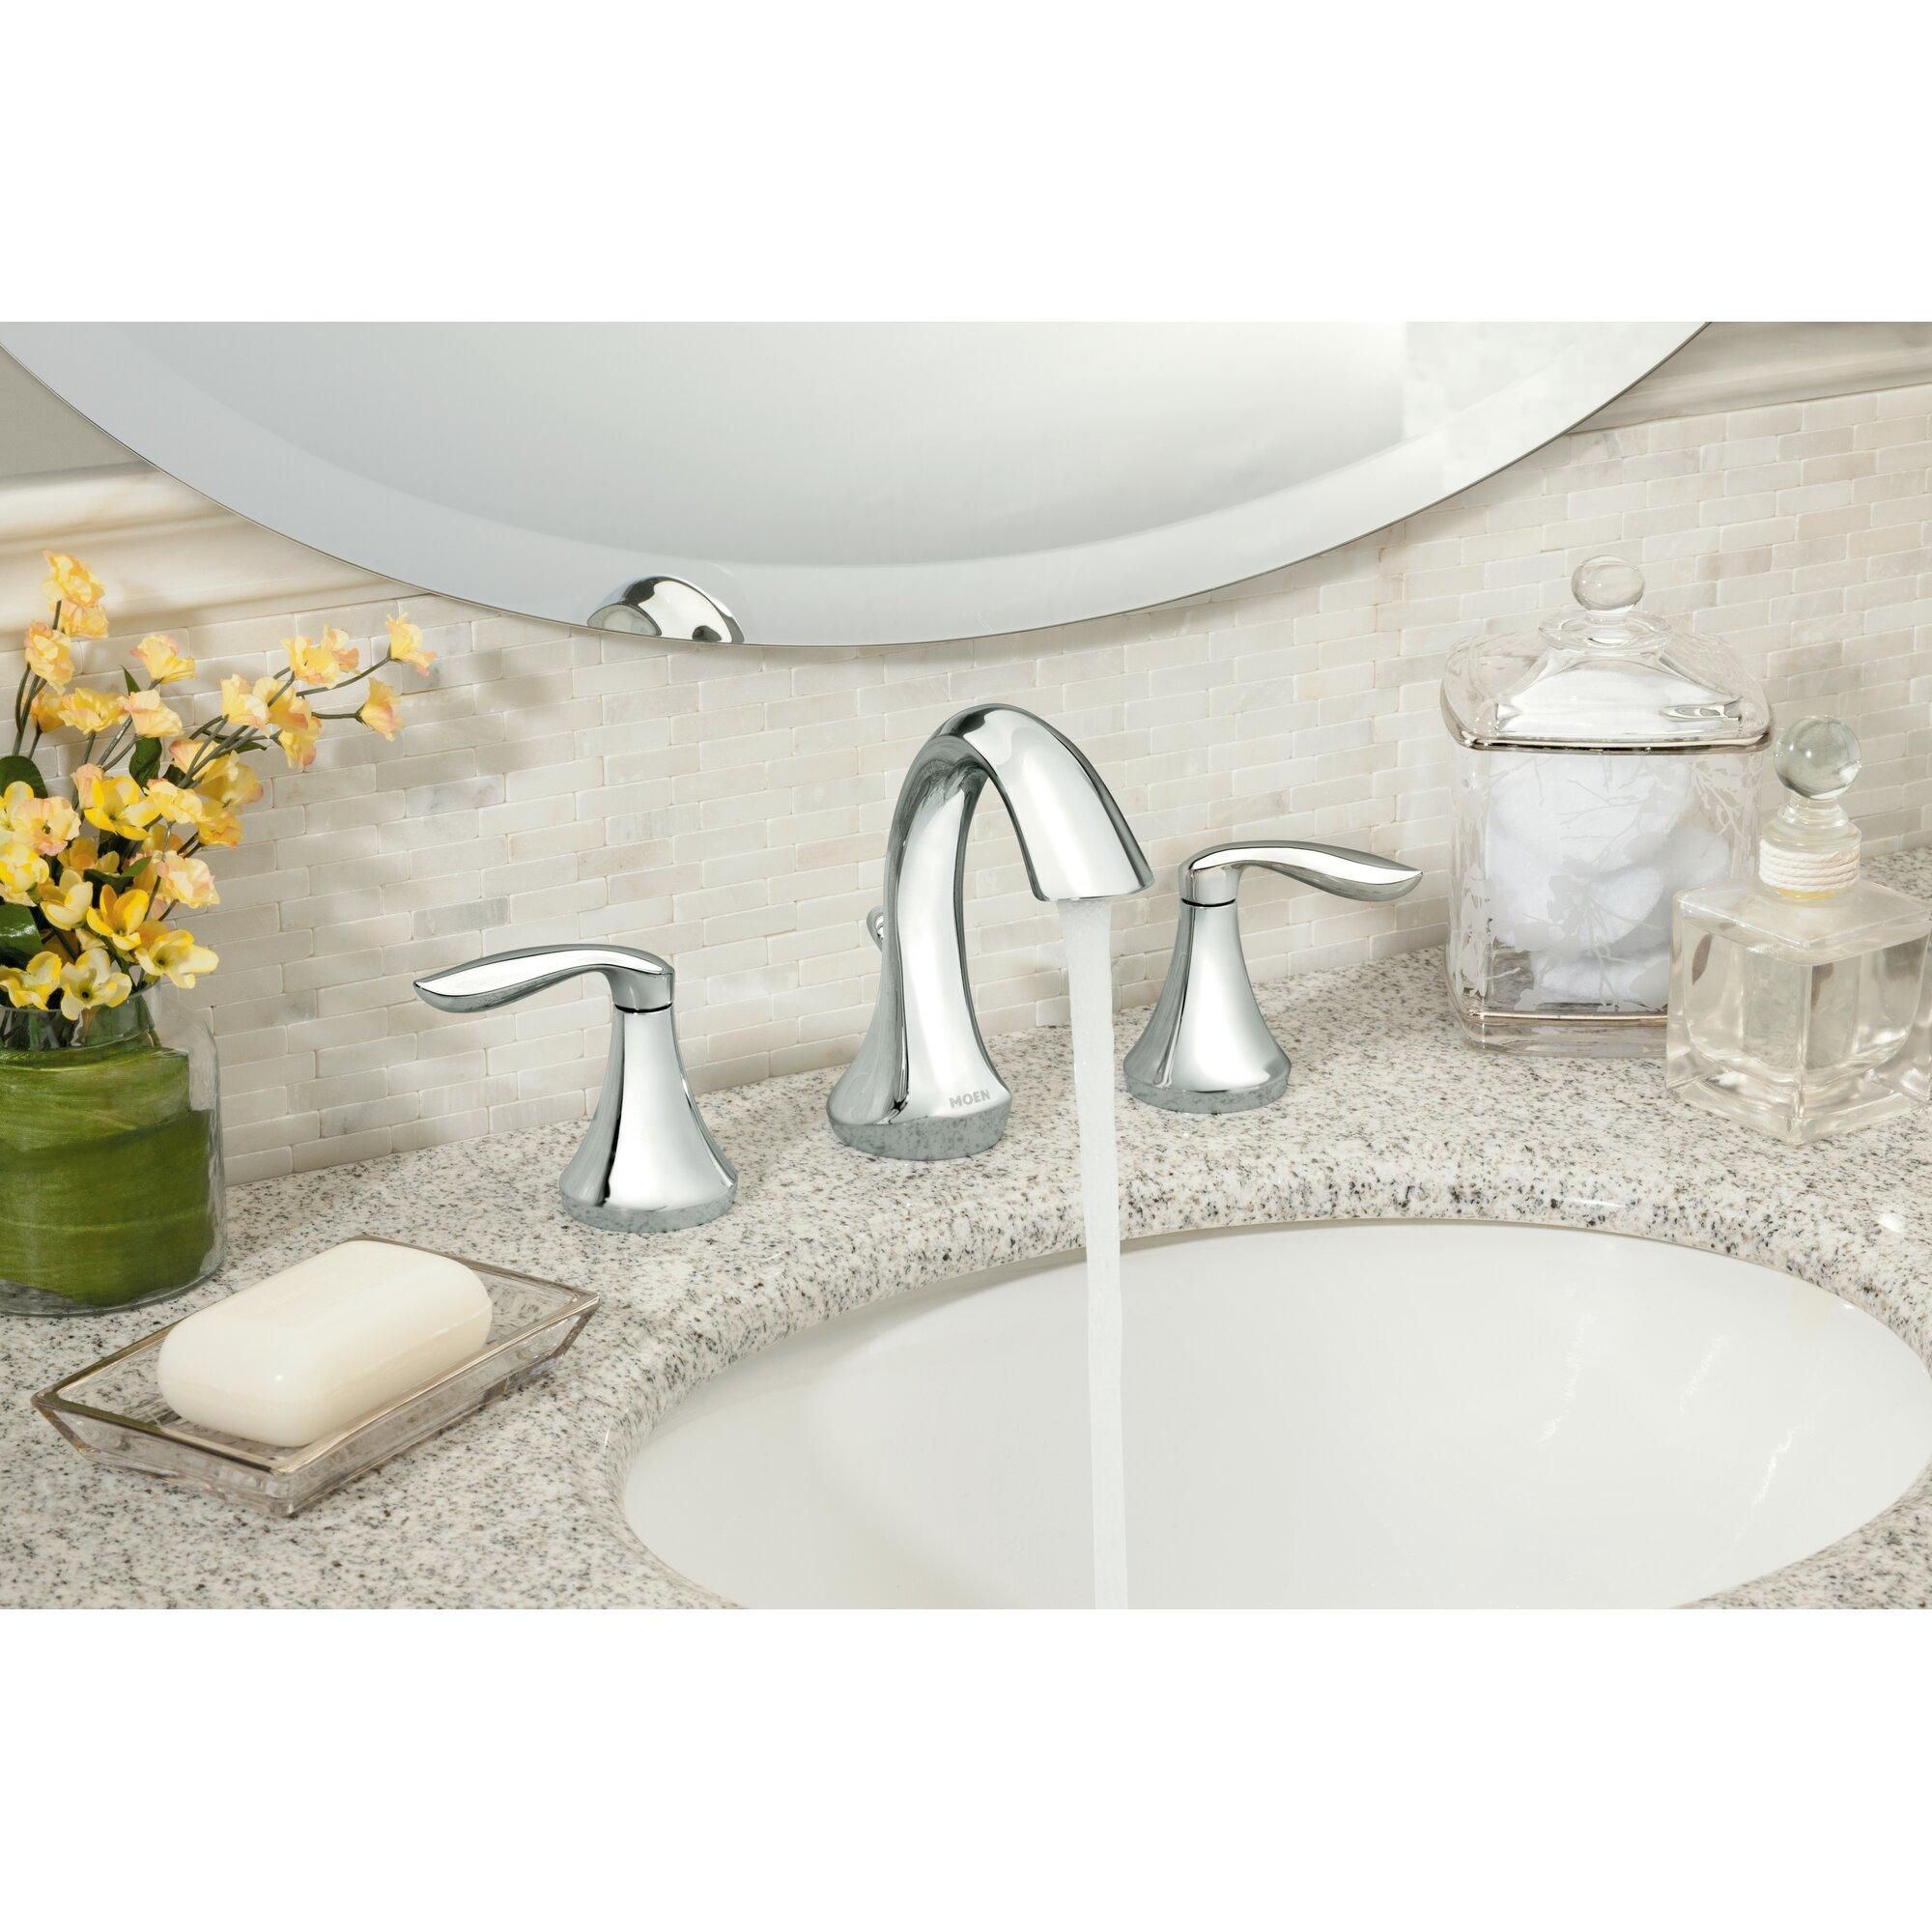 Emejing Bathroom Faucets Discount Gallery - Rummel.us - rummel.us